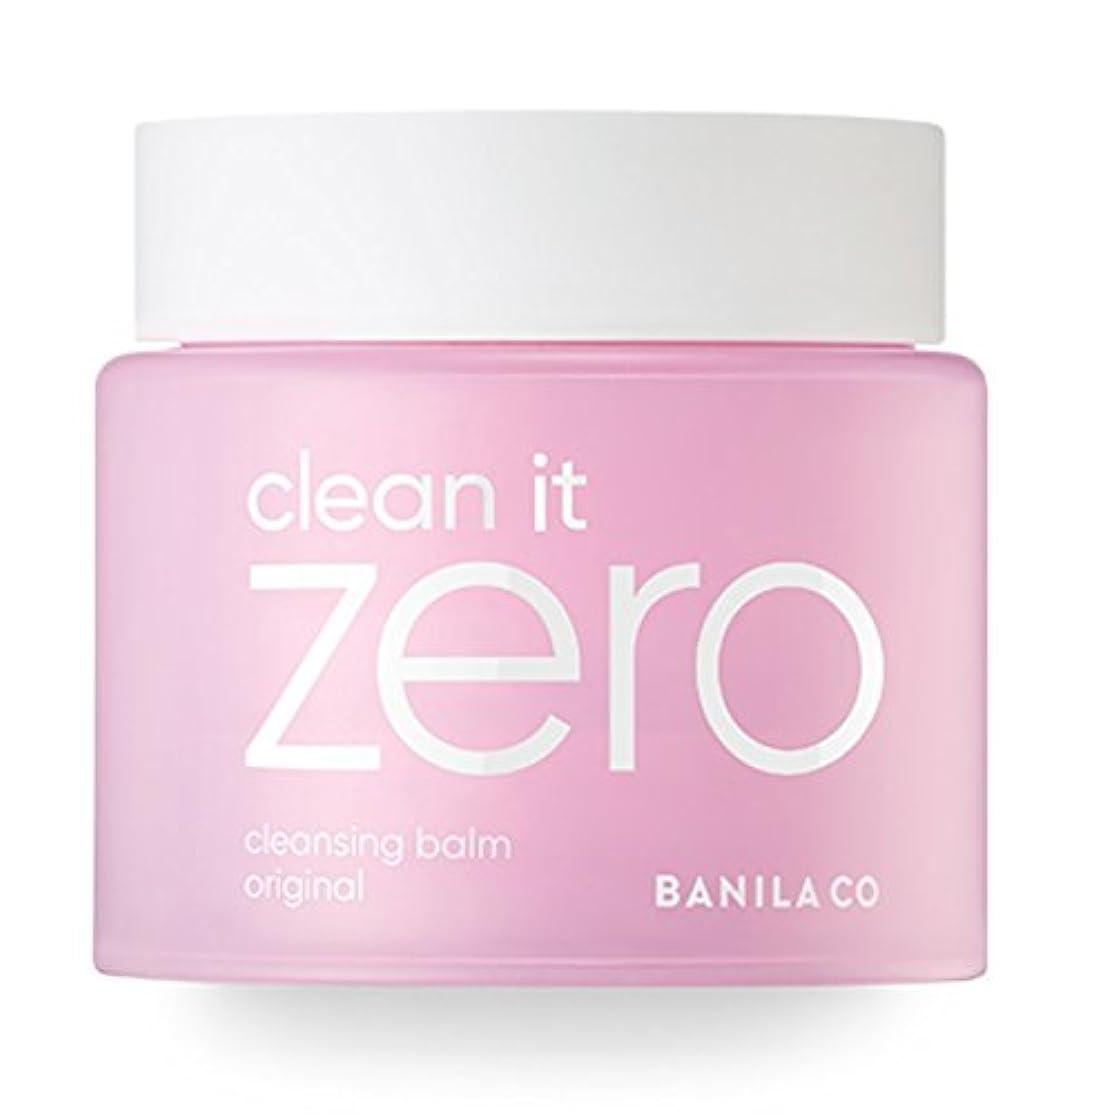 覆す慎重に晩ごはん[banila co.] Clean It Zero 100ml (sherbet cleanser) (Clean It Zero Ultra Size 180ml (Original))